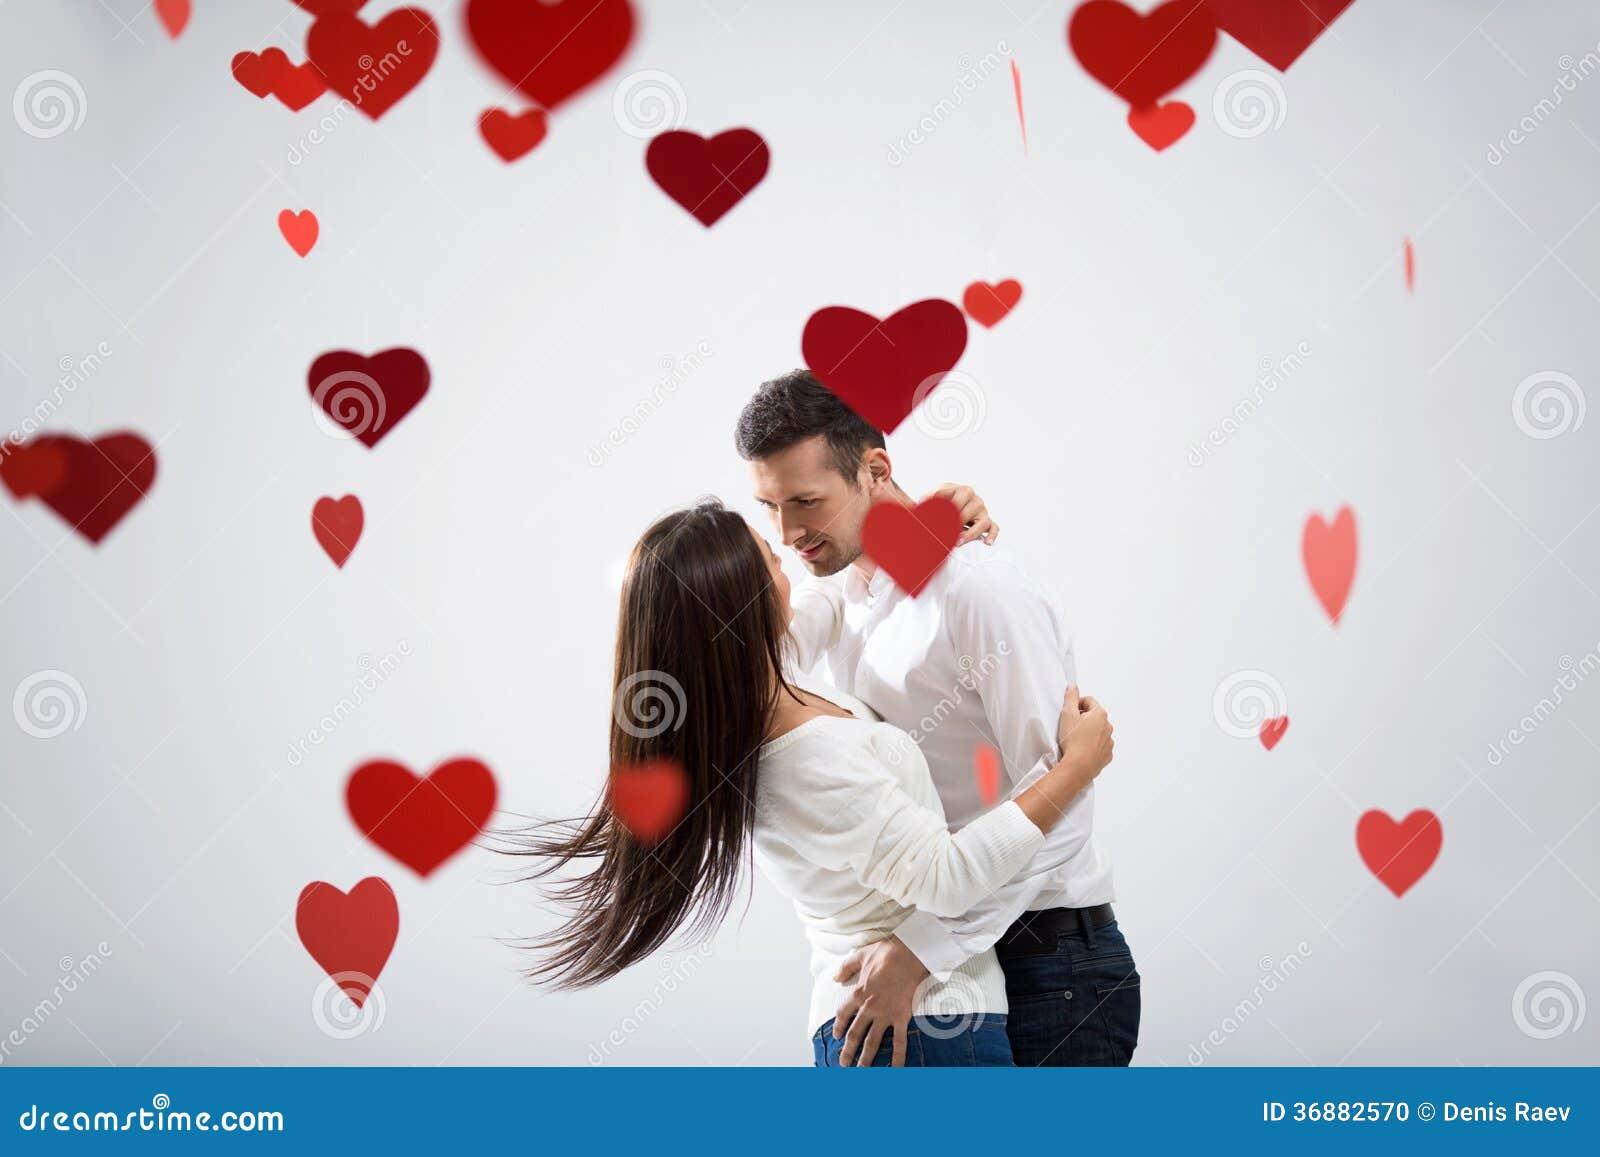 Download Amore fotografia stock. Immagine di valentines, persona - 36882570